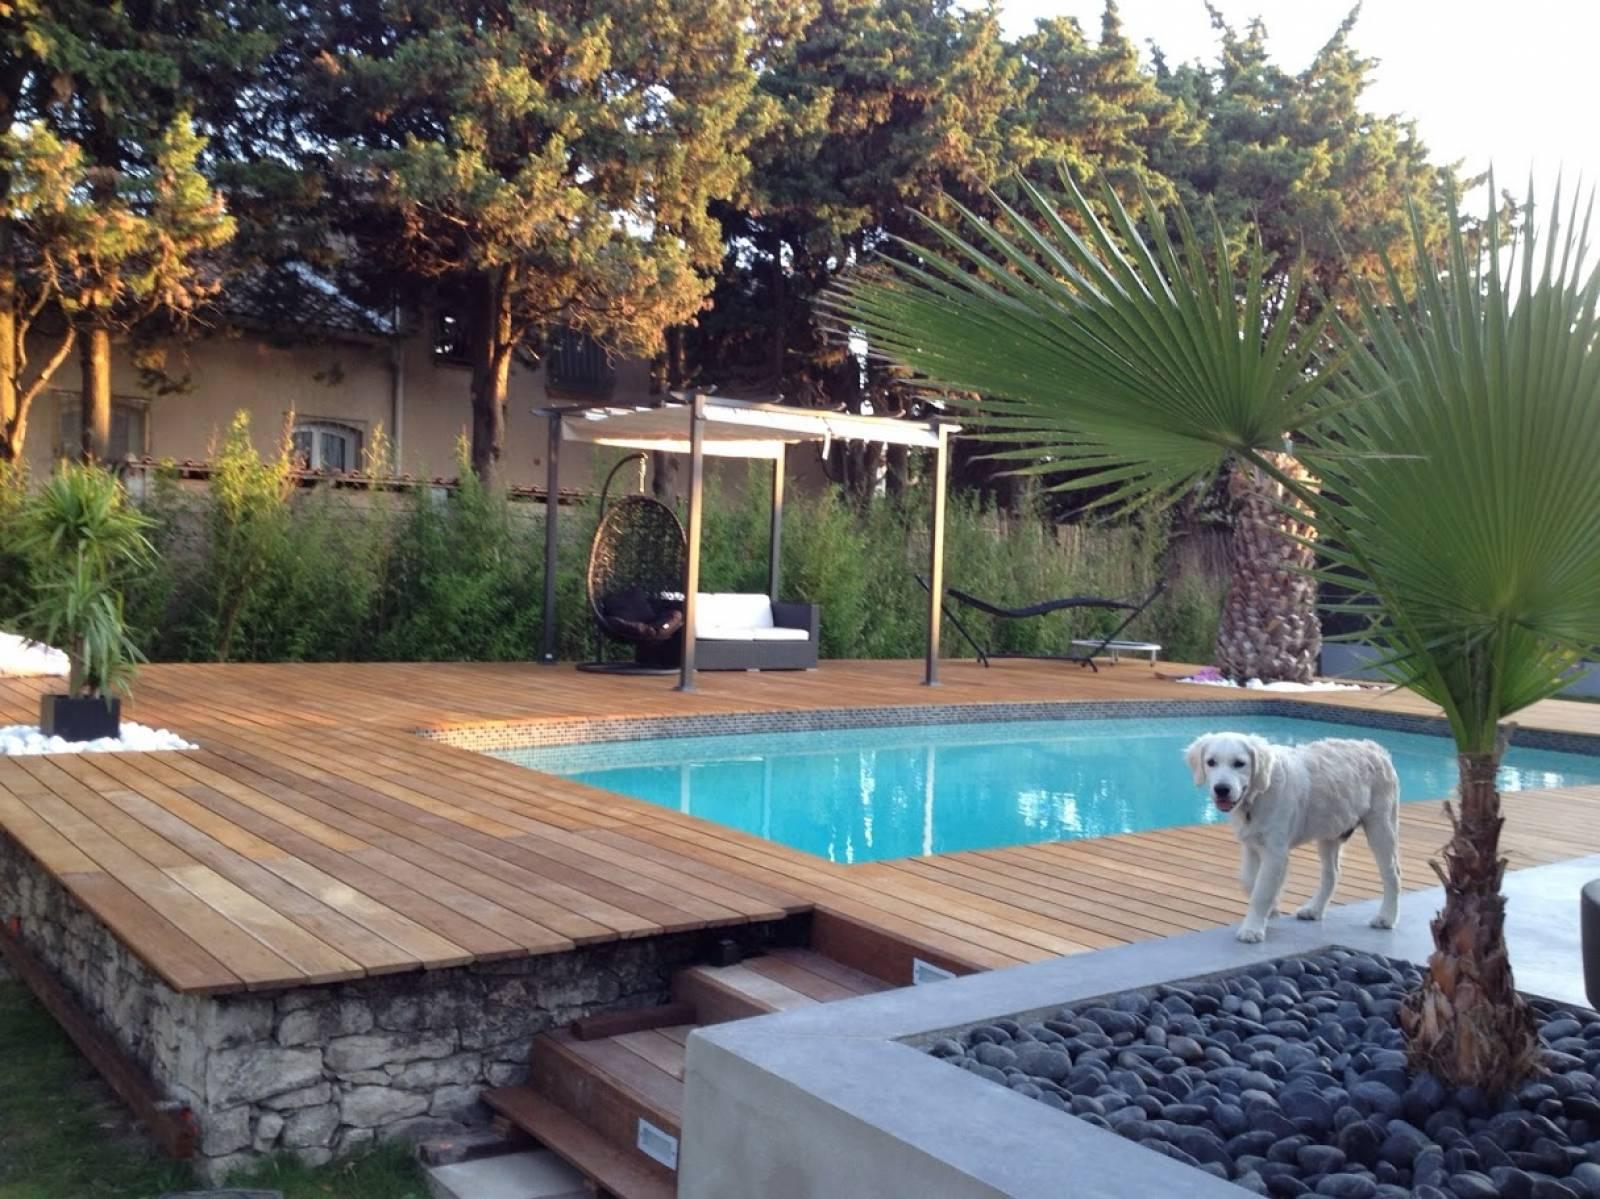 cr ation d un jardin avec am nagement d une terrasse parquet en pilotis avignon jardinier. Black Bedroom Furniture Sets. Home Design Ideas